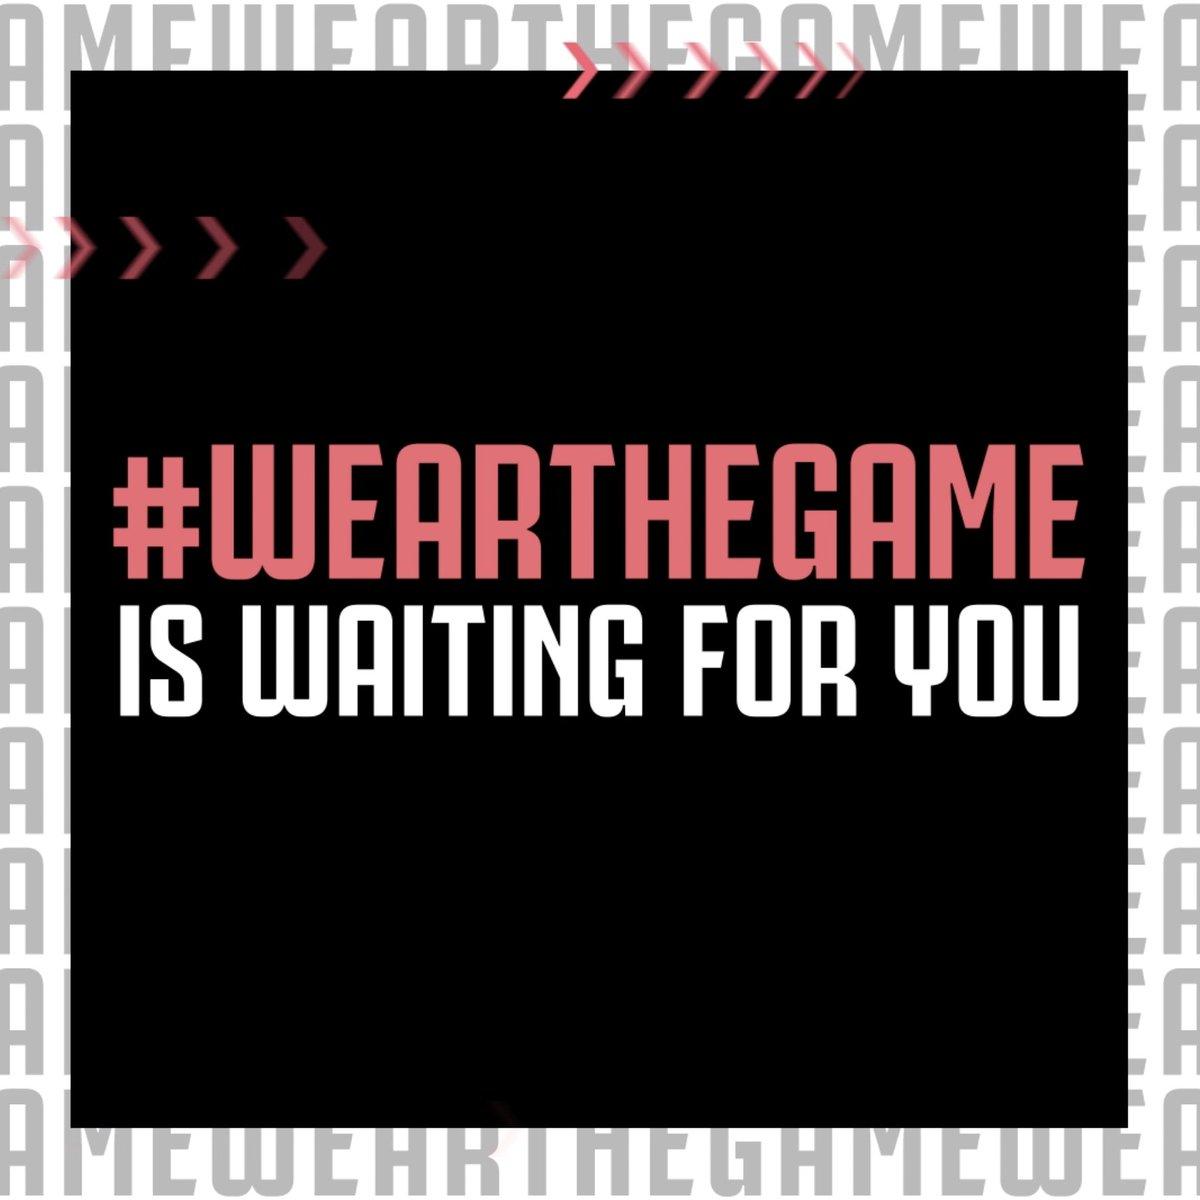 ⚽️ 12 jogadores já ganharam sua camisa.   🔥 Não perca a chance!    Jogue agora >> http://wearthegame.juventus.com  #WEARTHEGAME